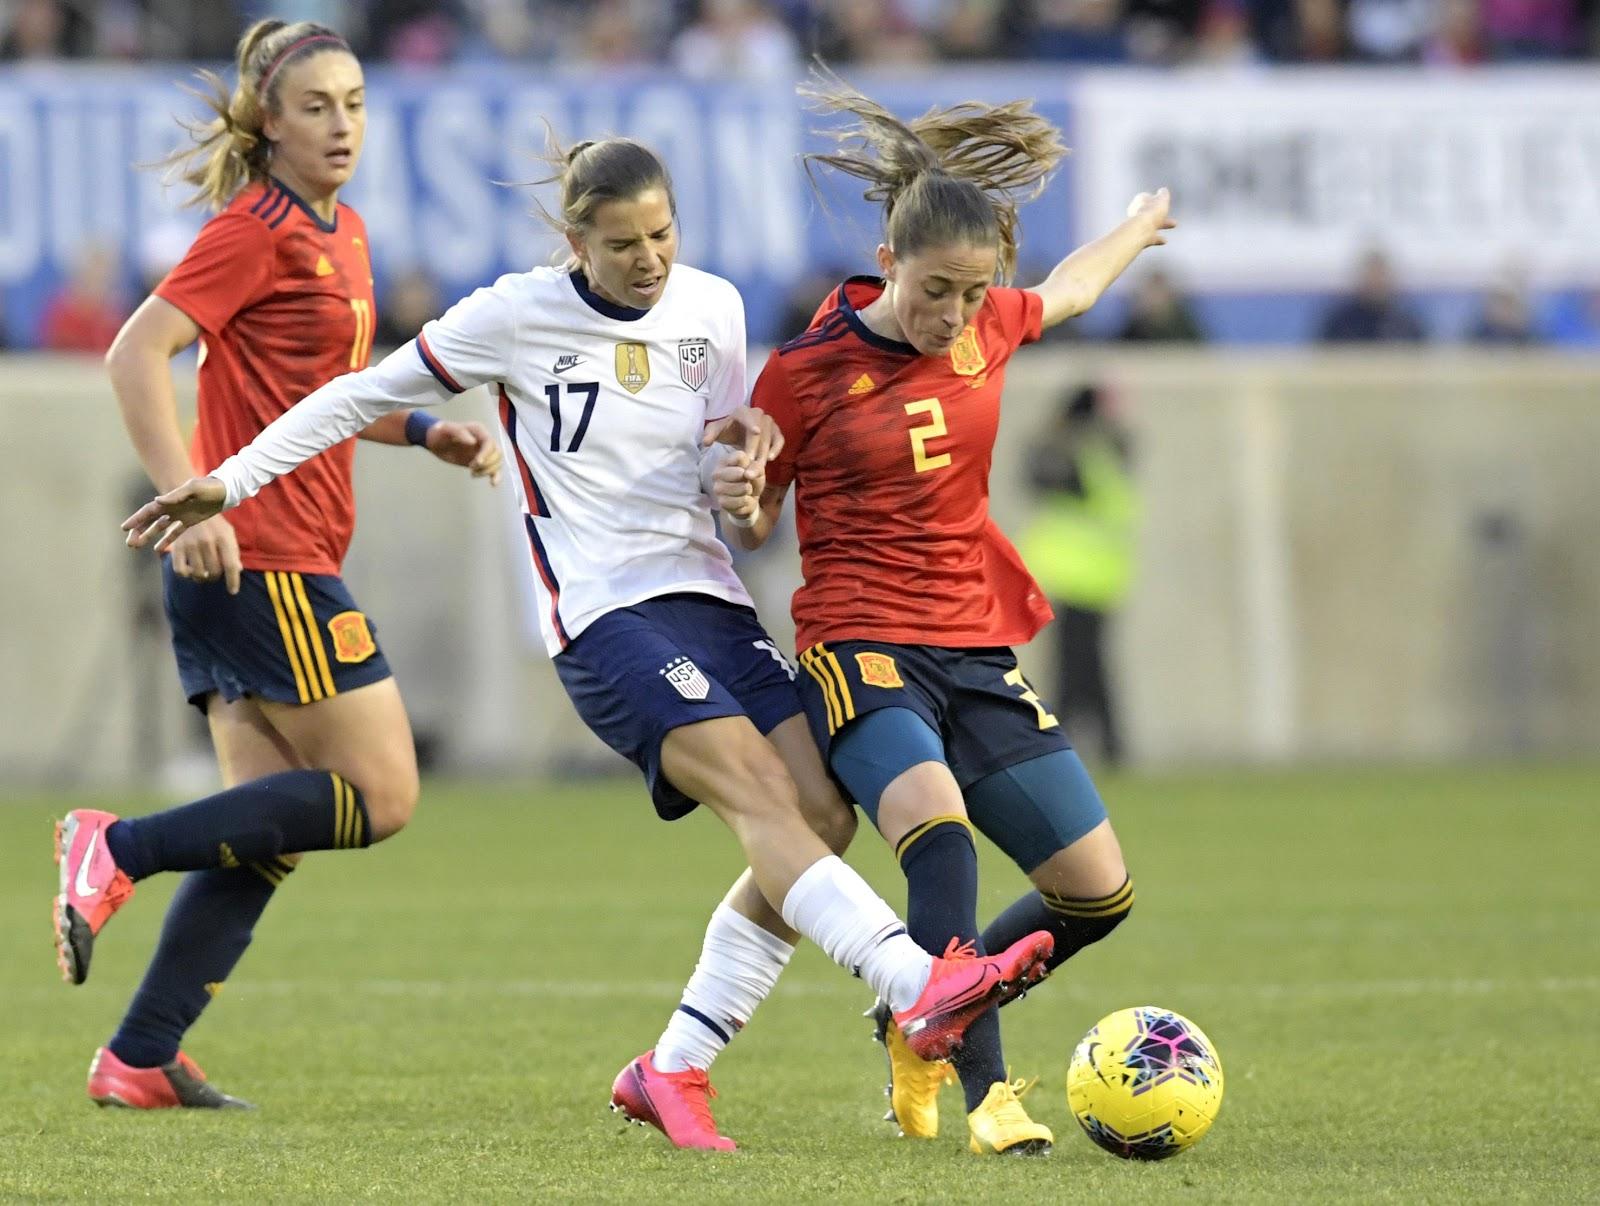 US WOMEN'S SOCCER | Ertz's header gives US 1-0 win over Spain in ...